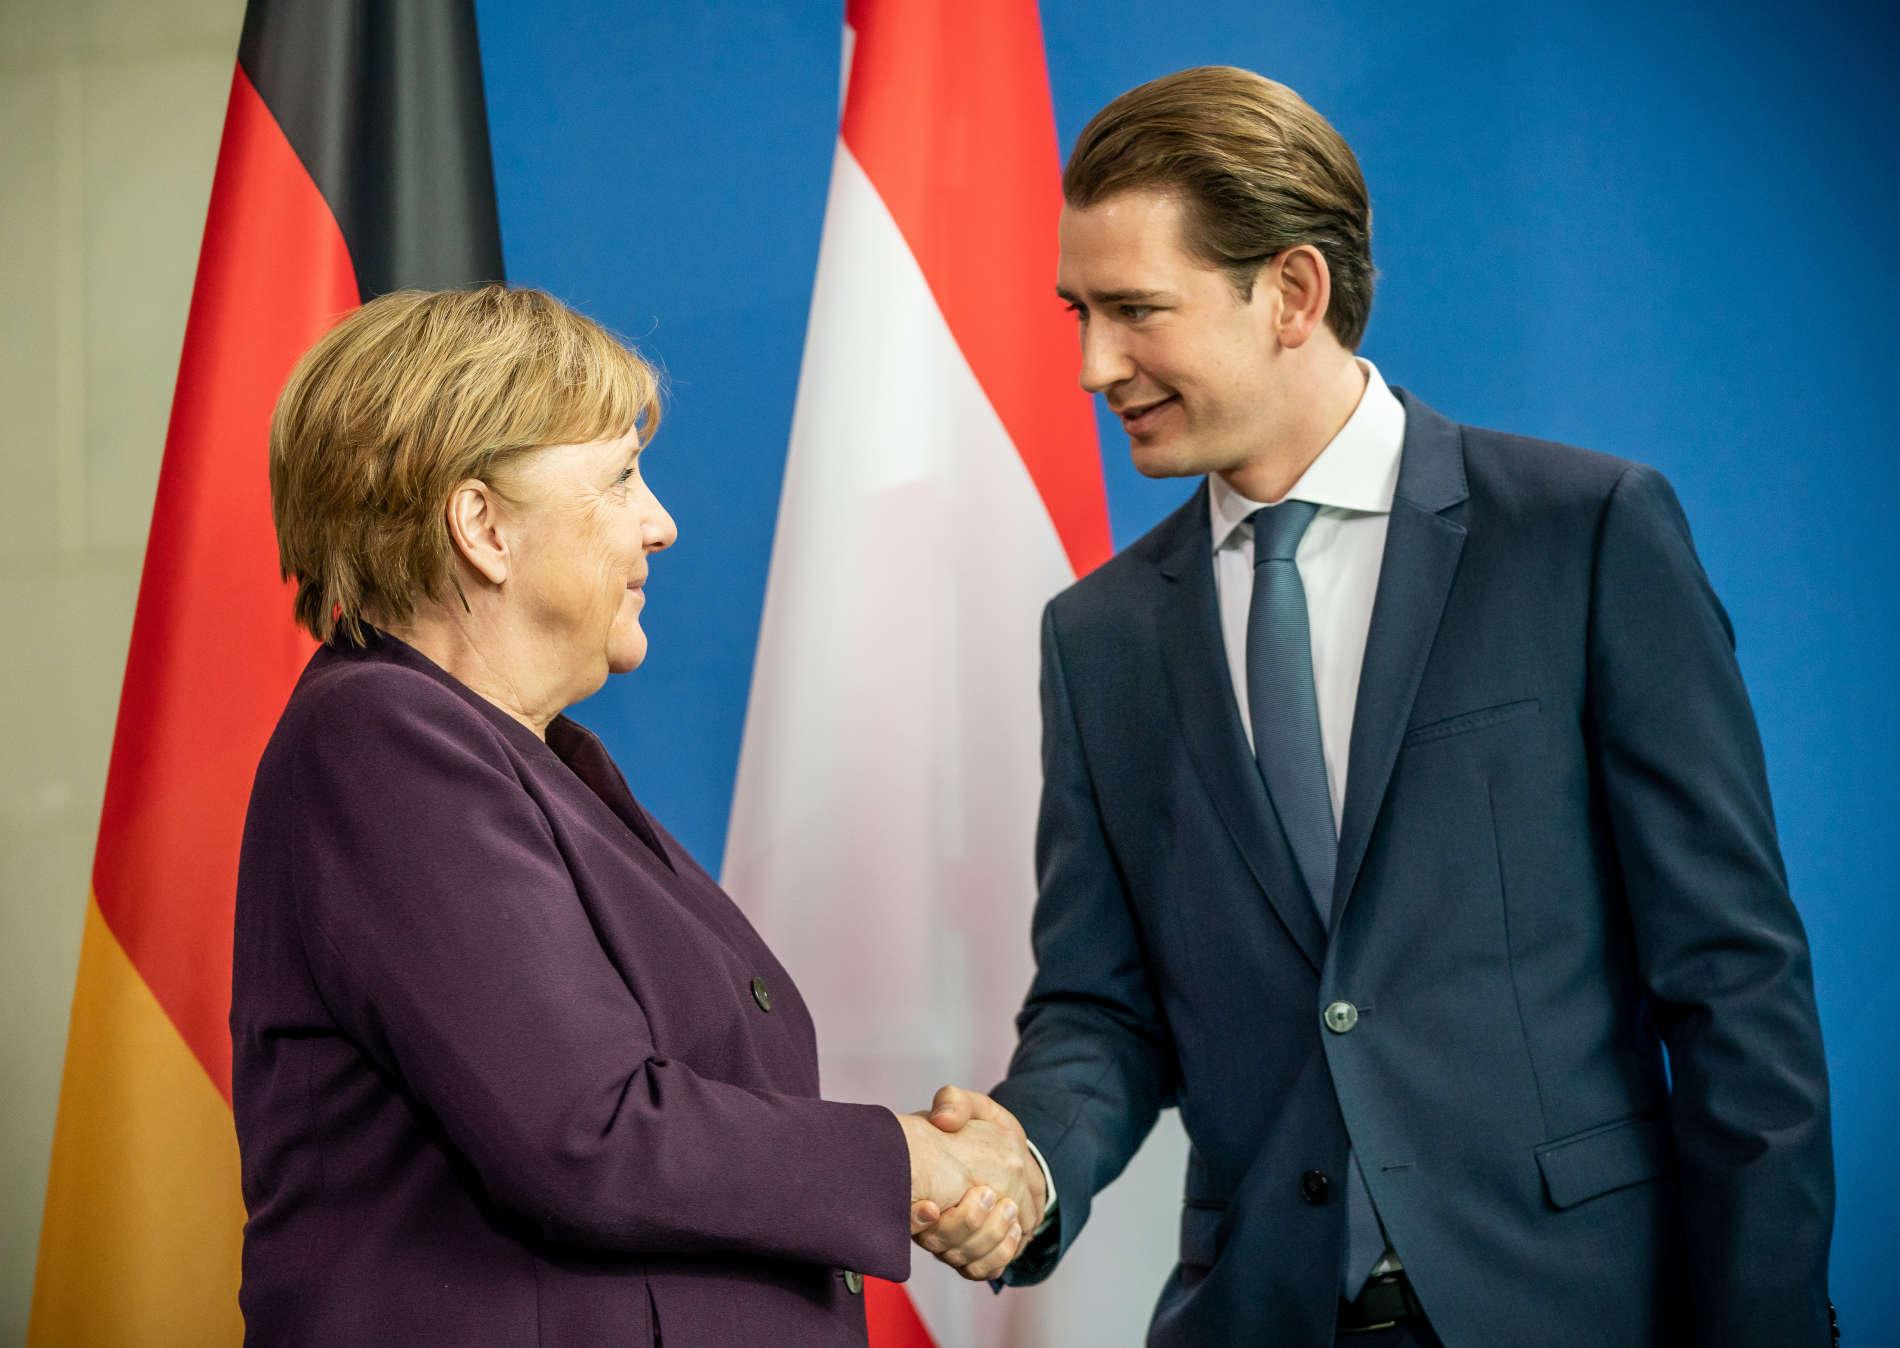 Merkel empfängt Österreichs Kanzler Kurz in Berlin